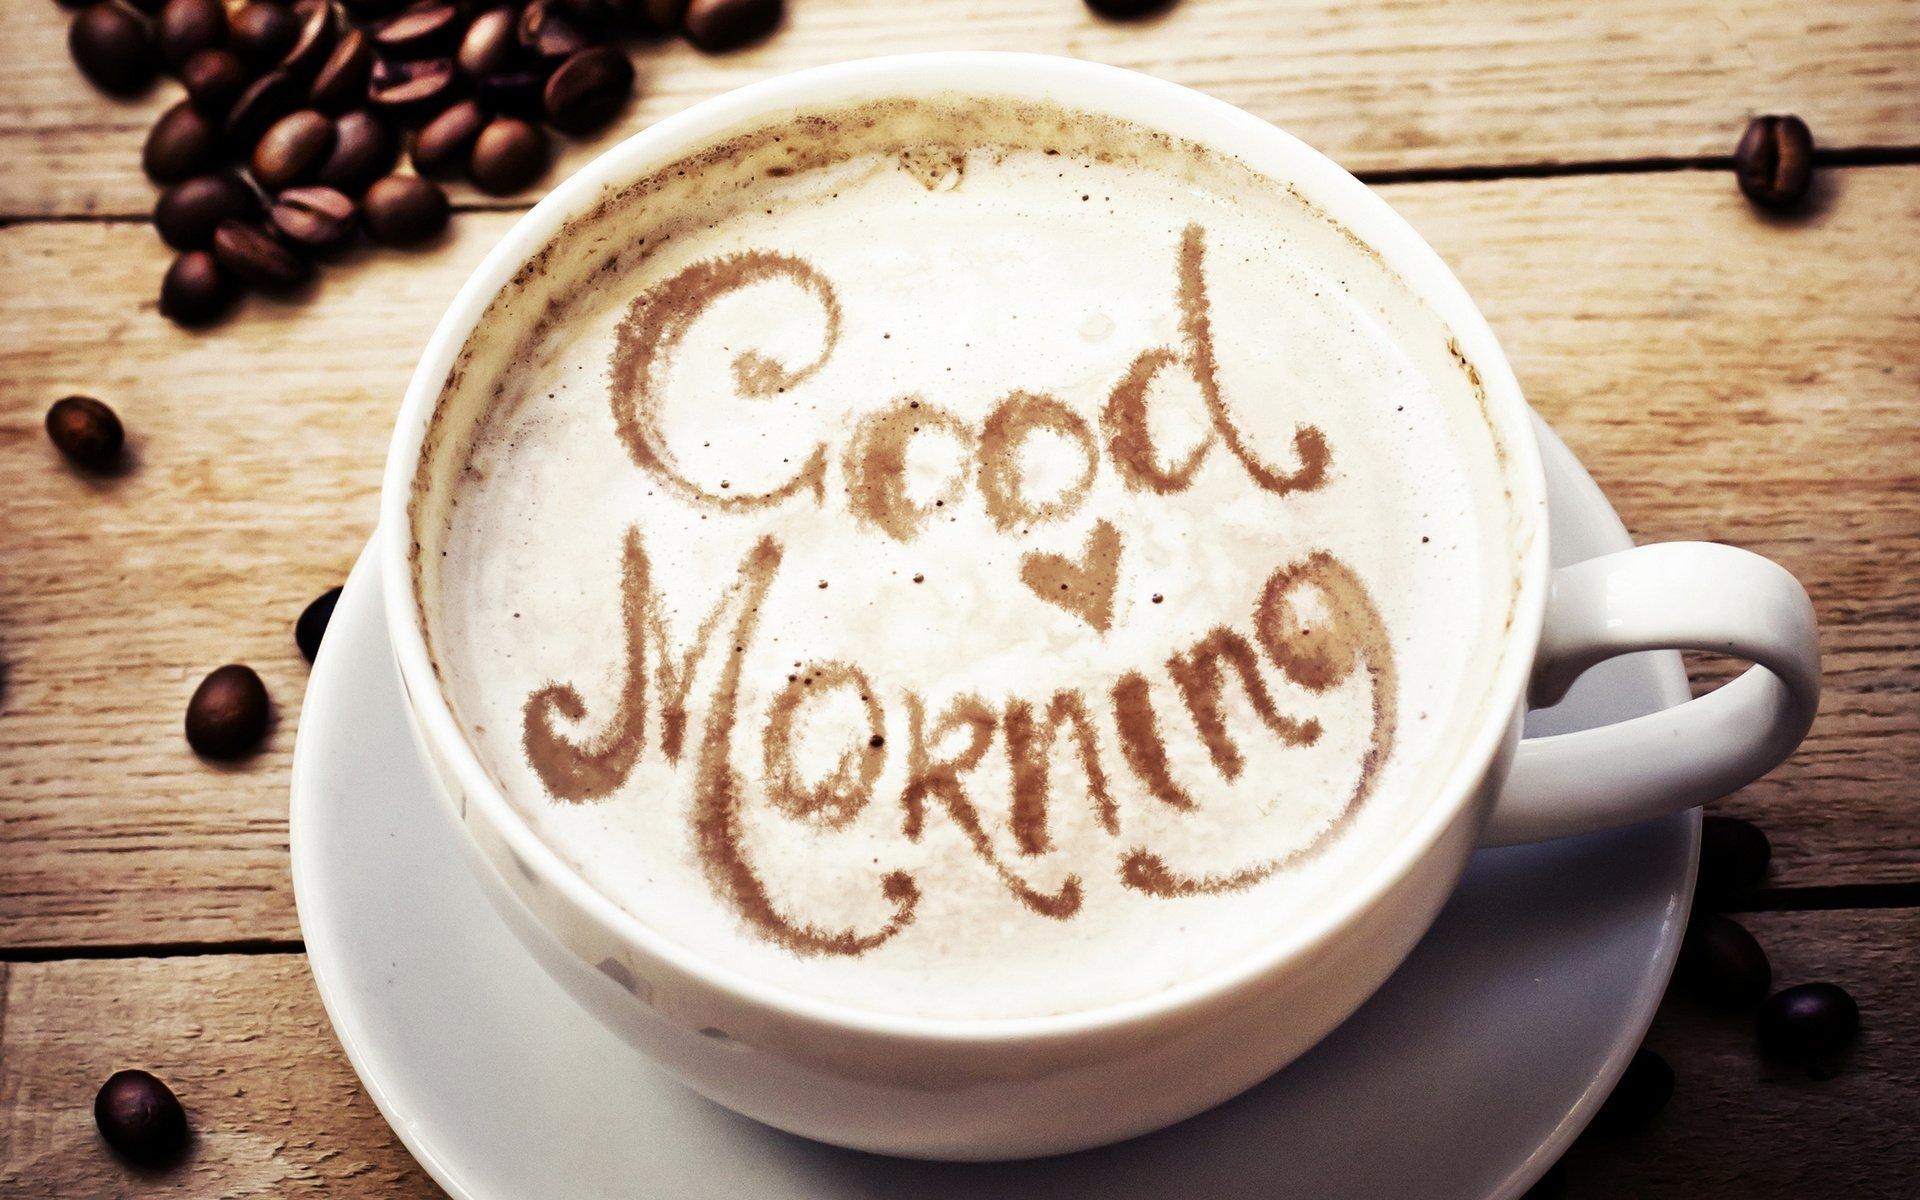 сочетаются портьерами, картинки прекрасного утра на английском одно